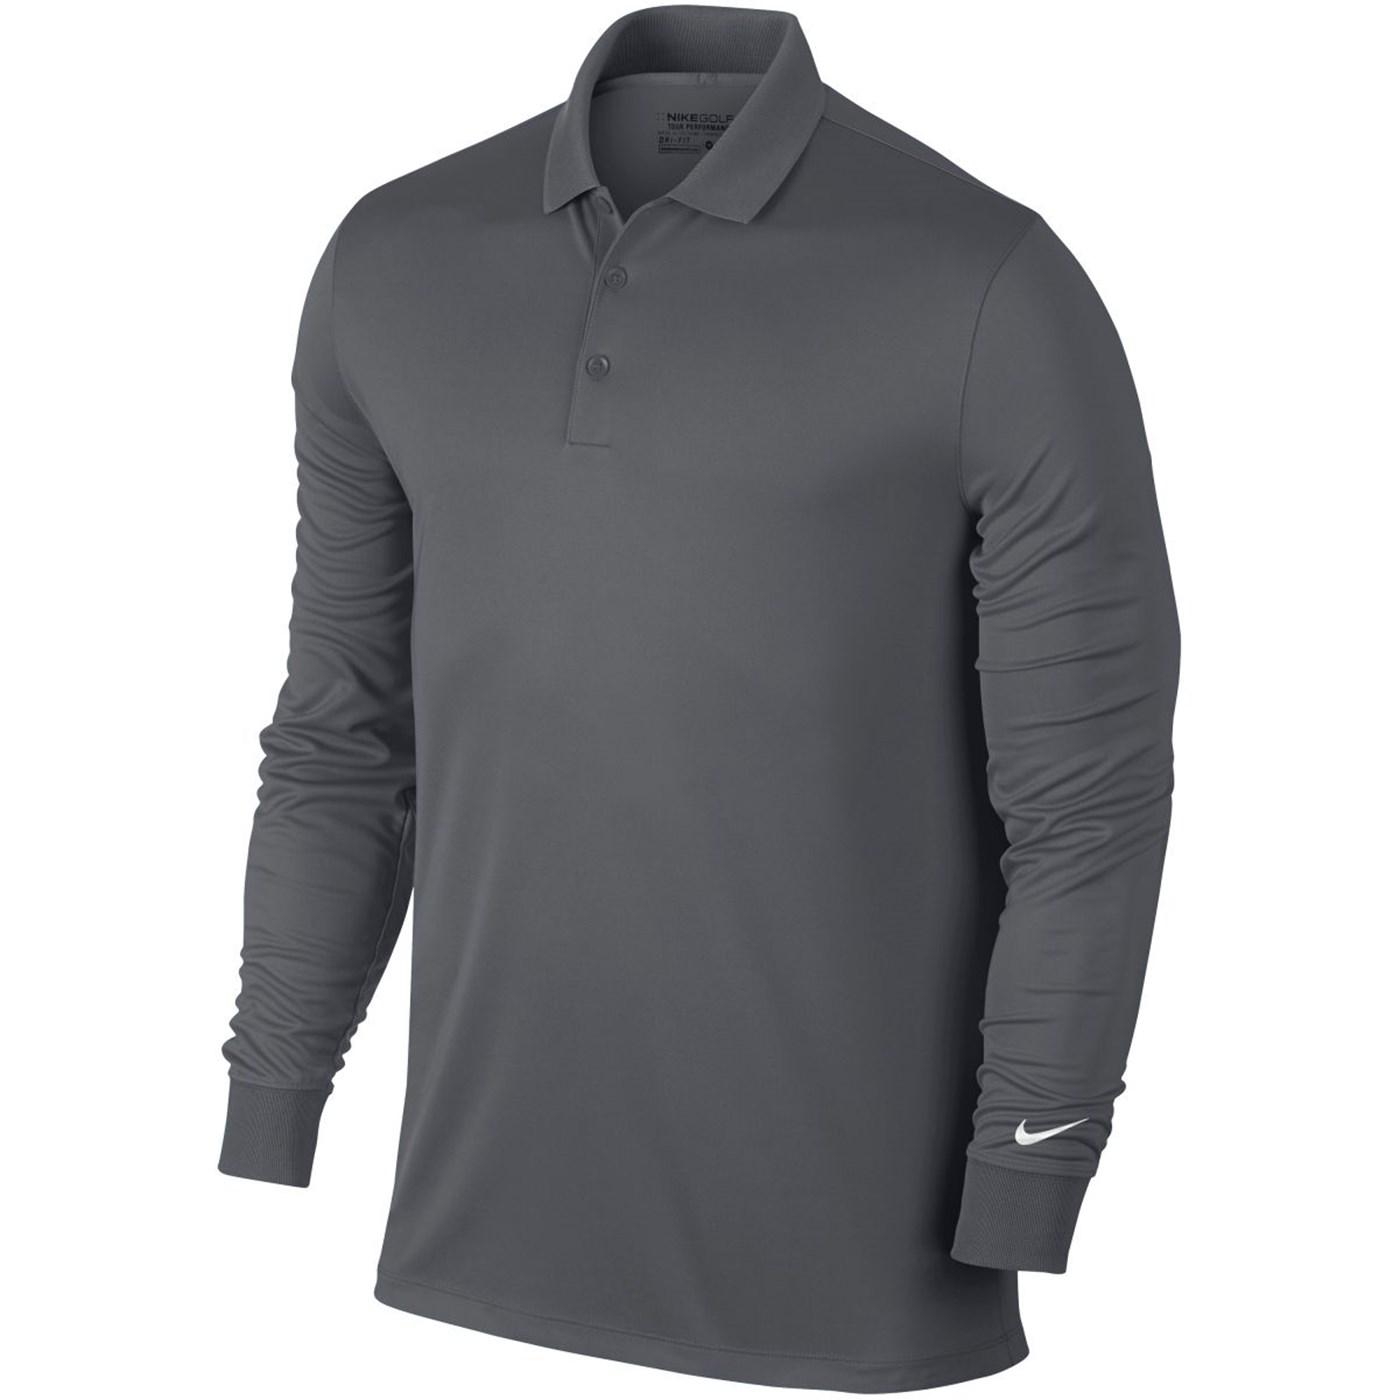 8c6bb9d5 Nike Men's Victory Dri-Fit Long Sleeve Golf Polo Shirt